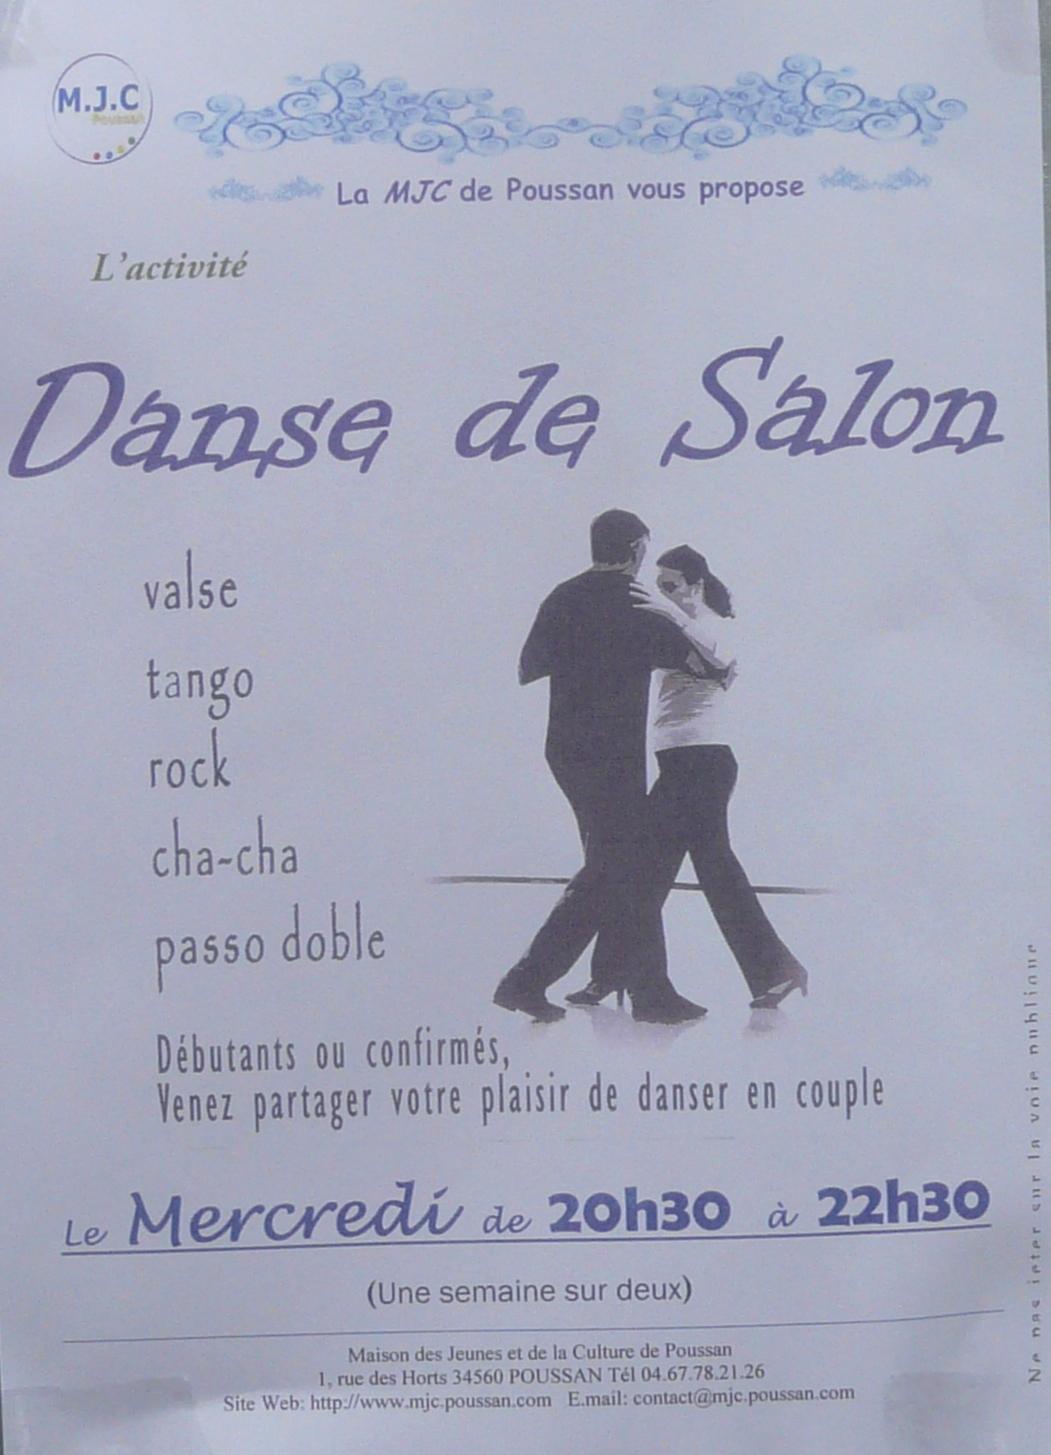 La danse de salon c est aussi la mjc agenda le blog - Musique danse de salon ...